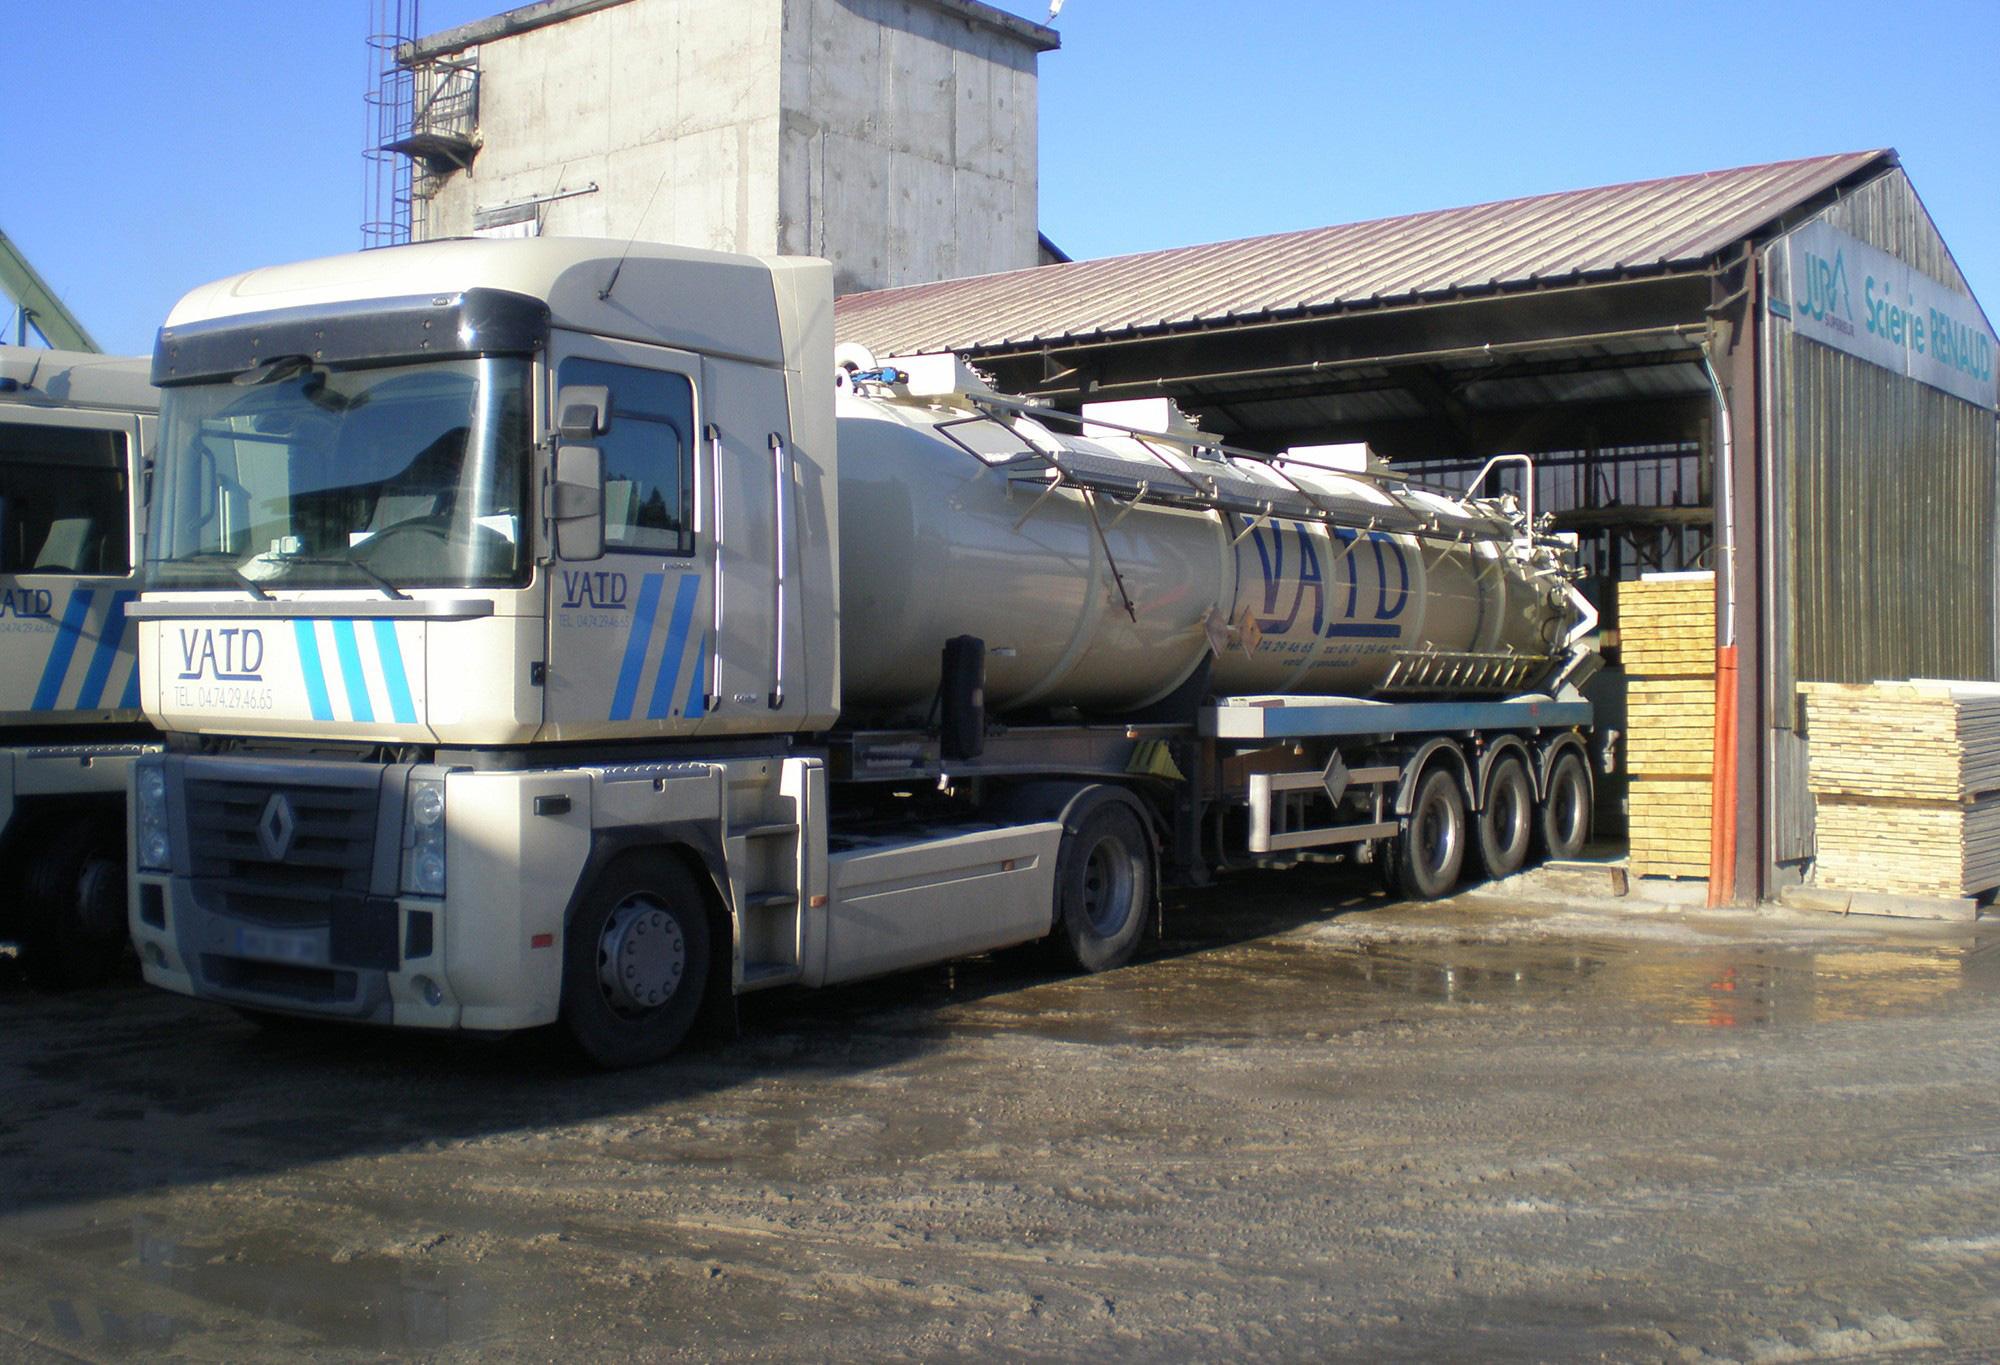 Nettoyage industriel transport déchets ADR VATD